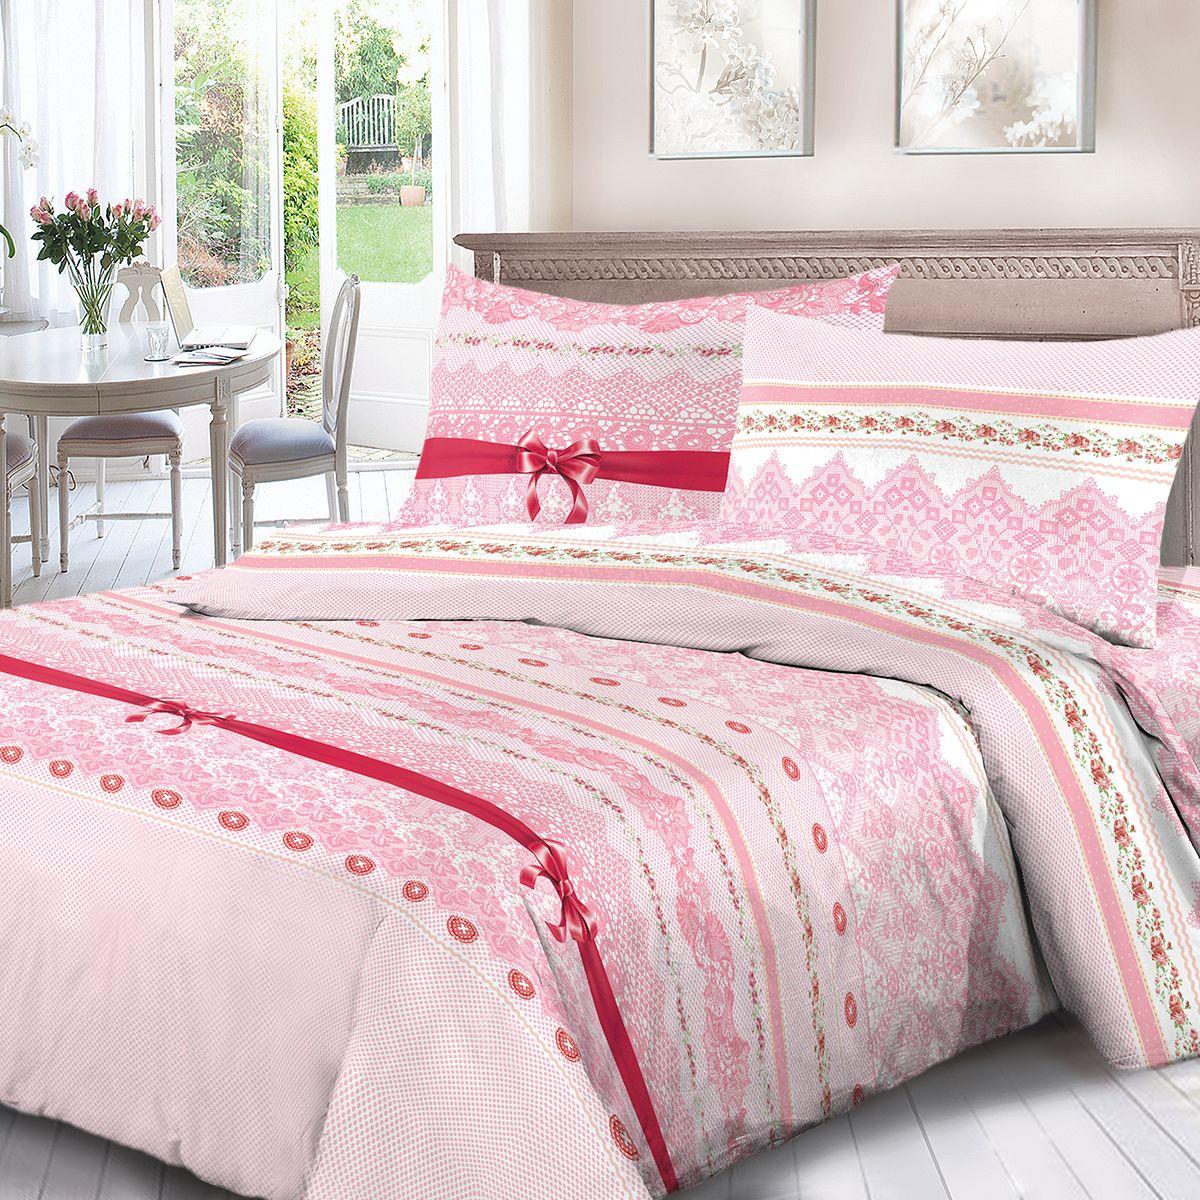 Комплект белья Для Снов Бал, семейный, наволочки 70x70, цвет: розовый. 4062-183532